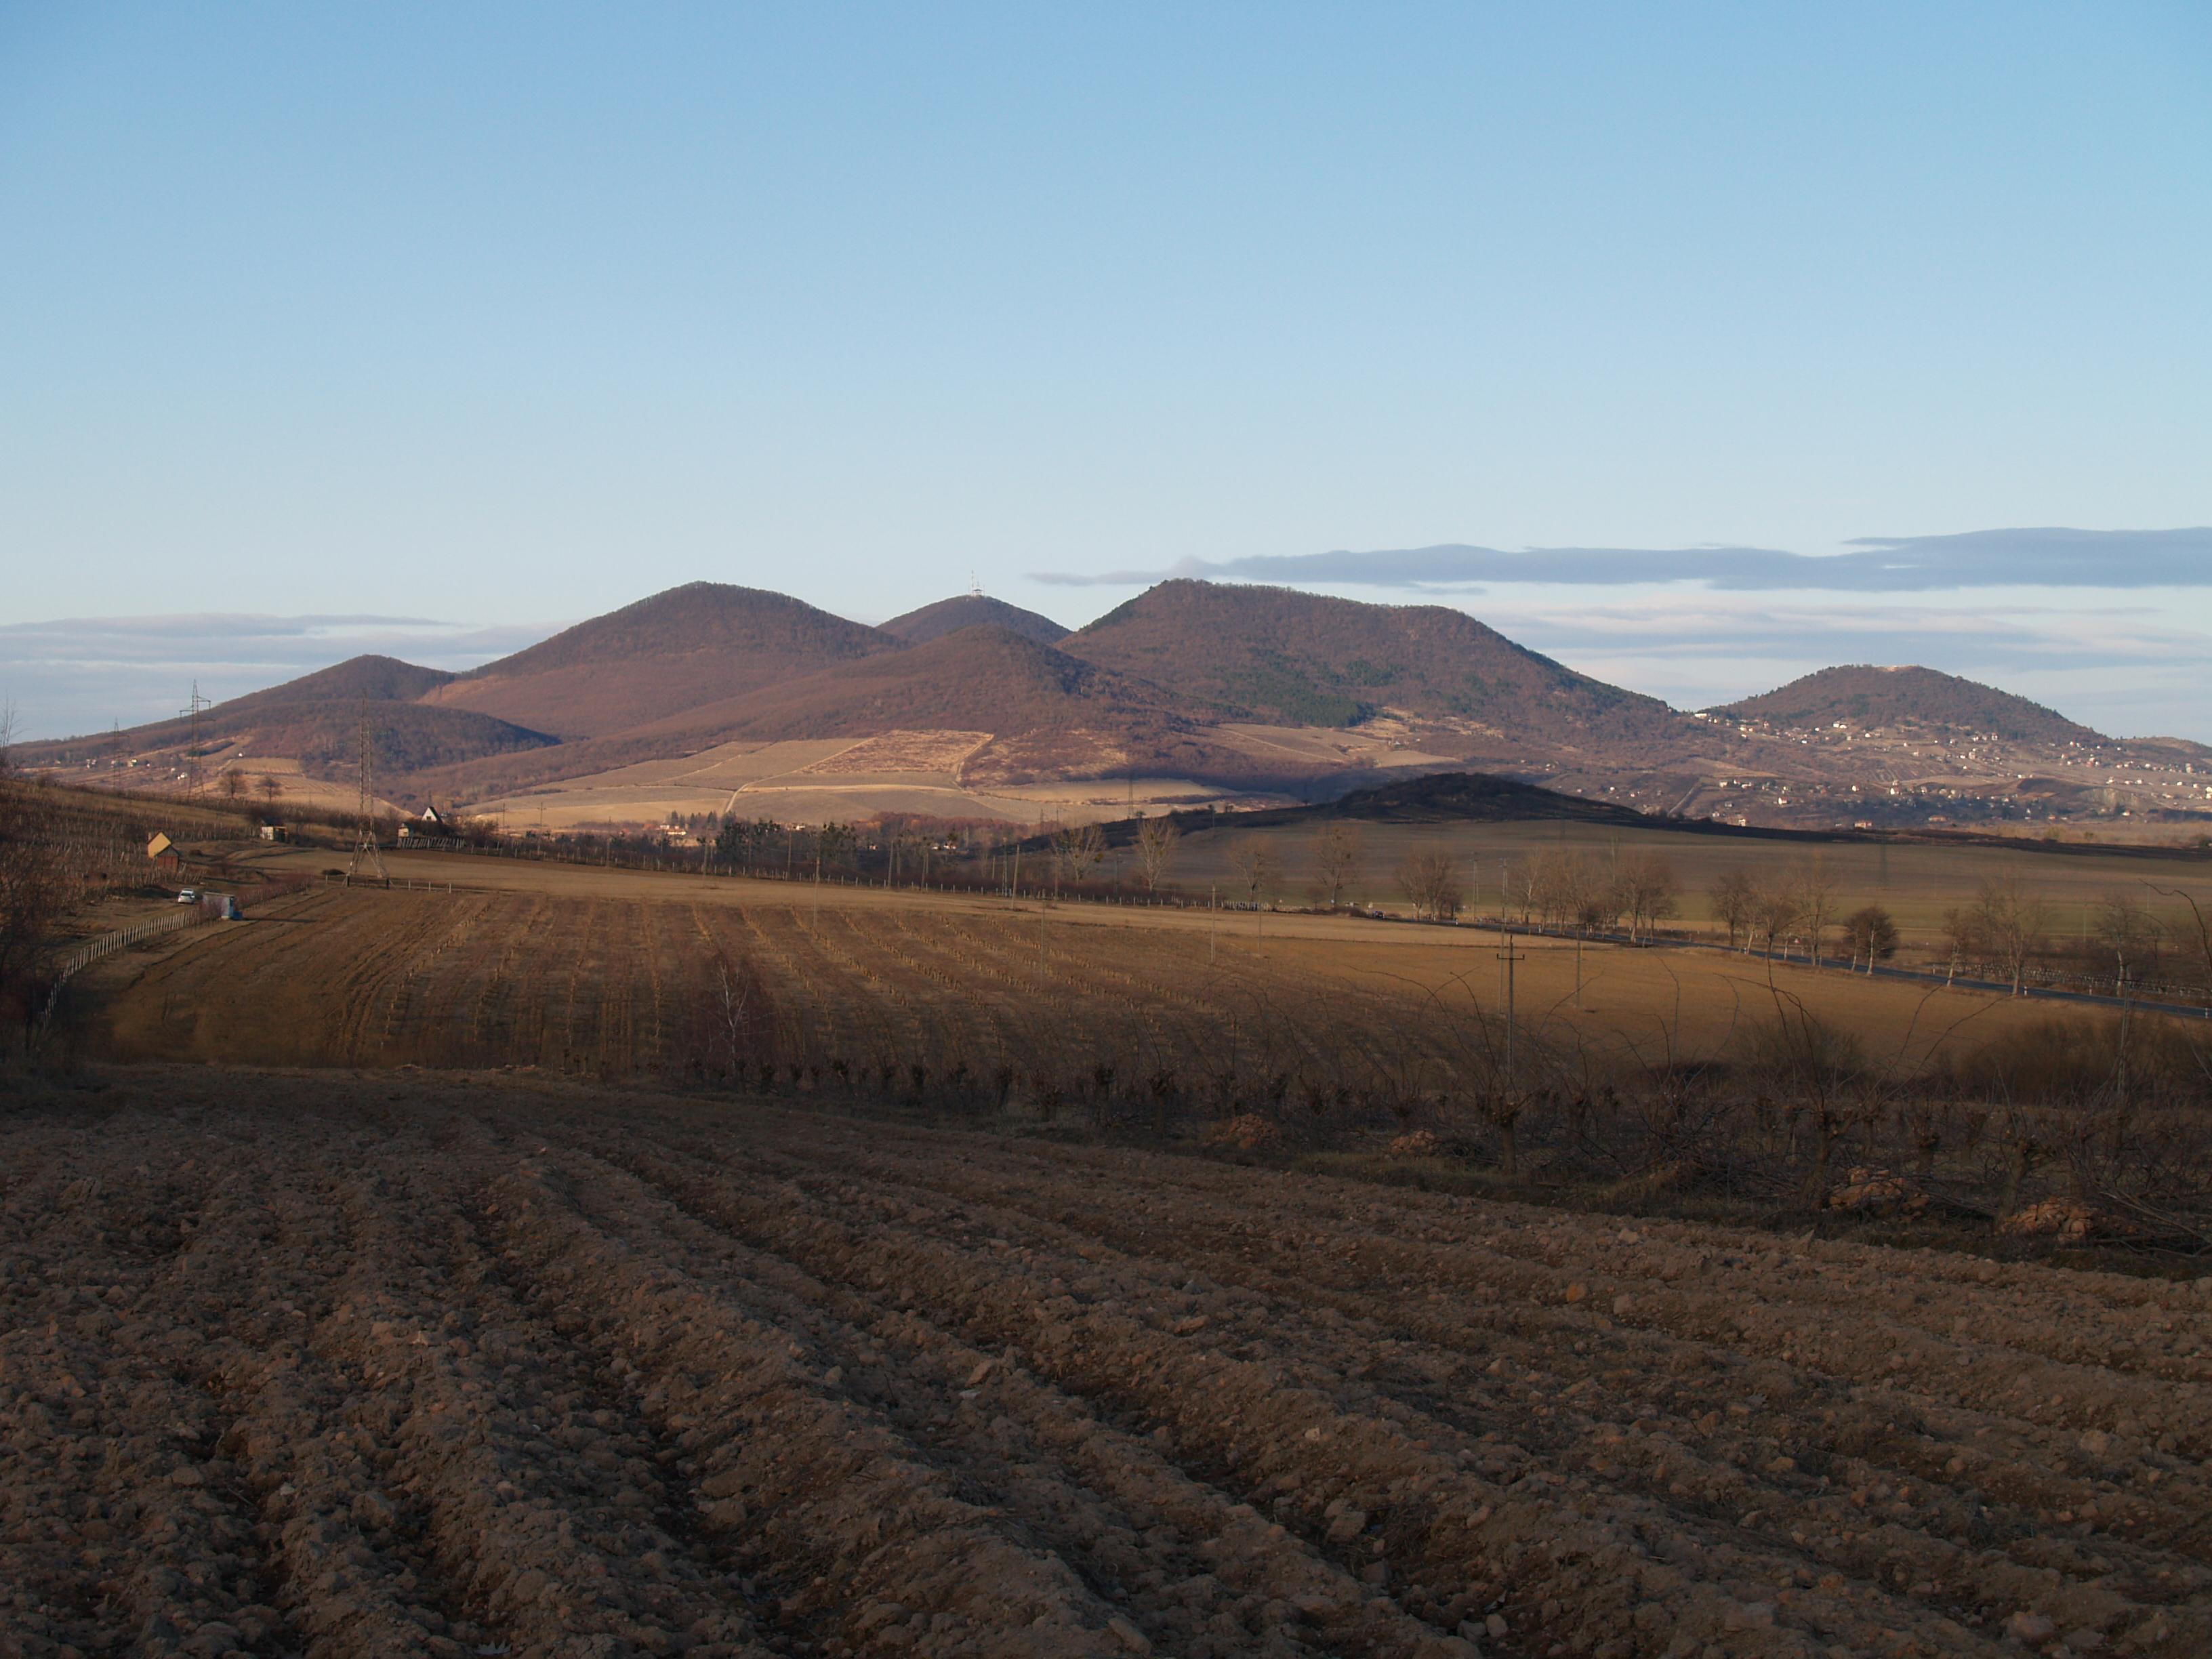 A Sátoros-hegyek: rétegvulkán vagy szubvulkán?